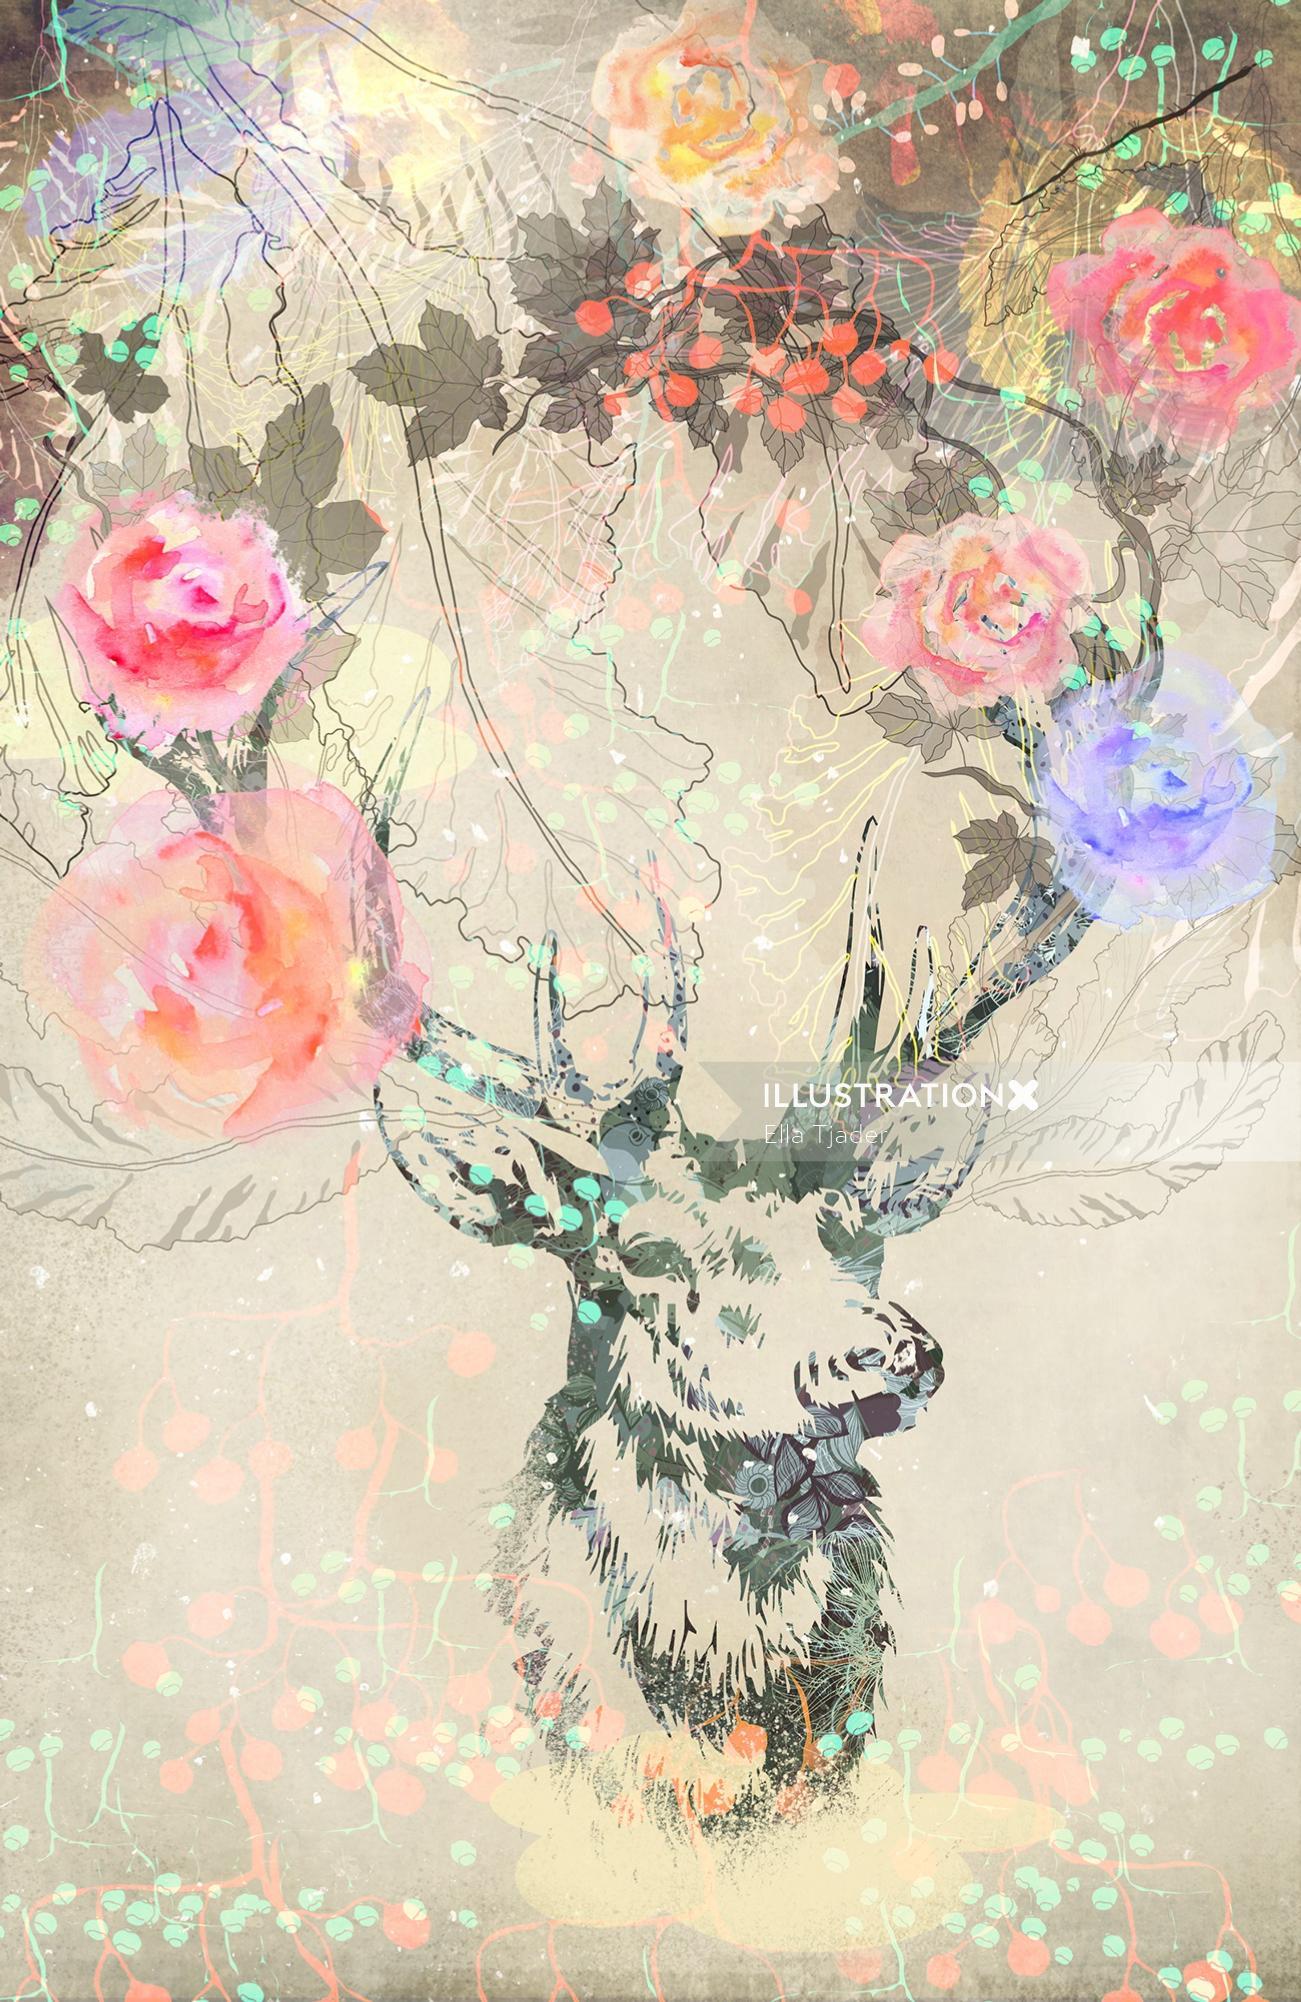 Flowers illustration by Ella Tjader